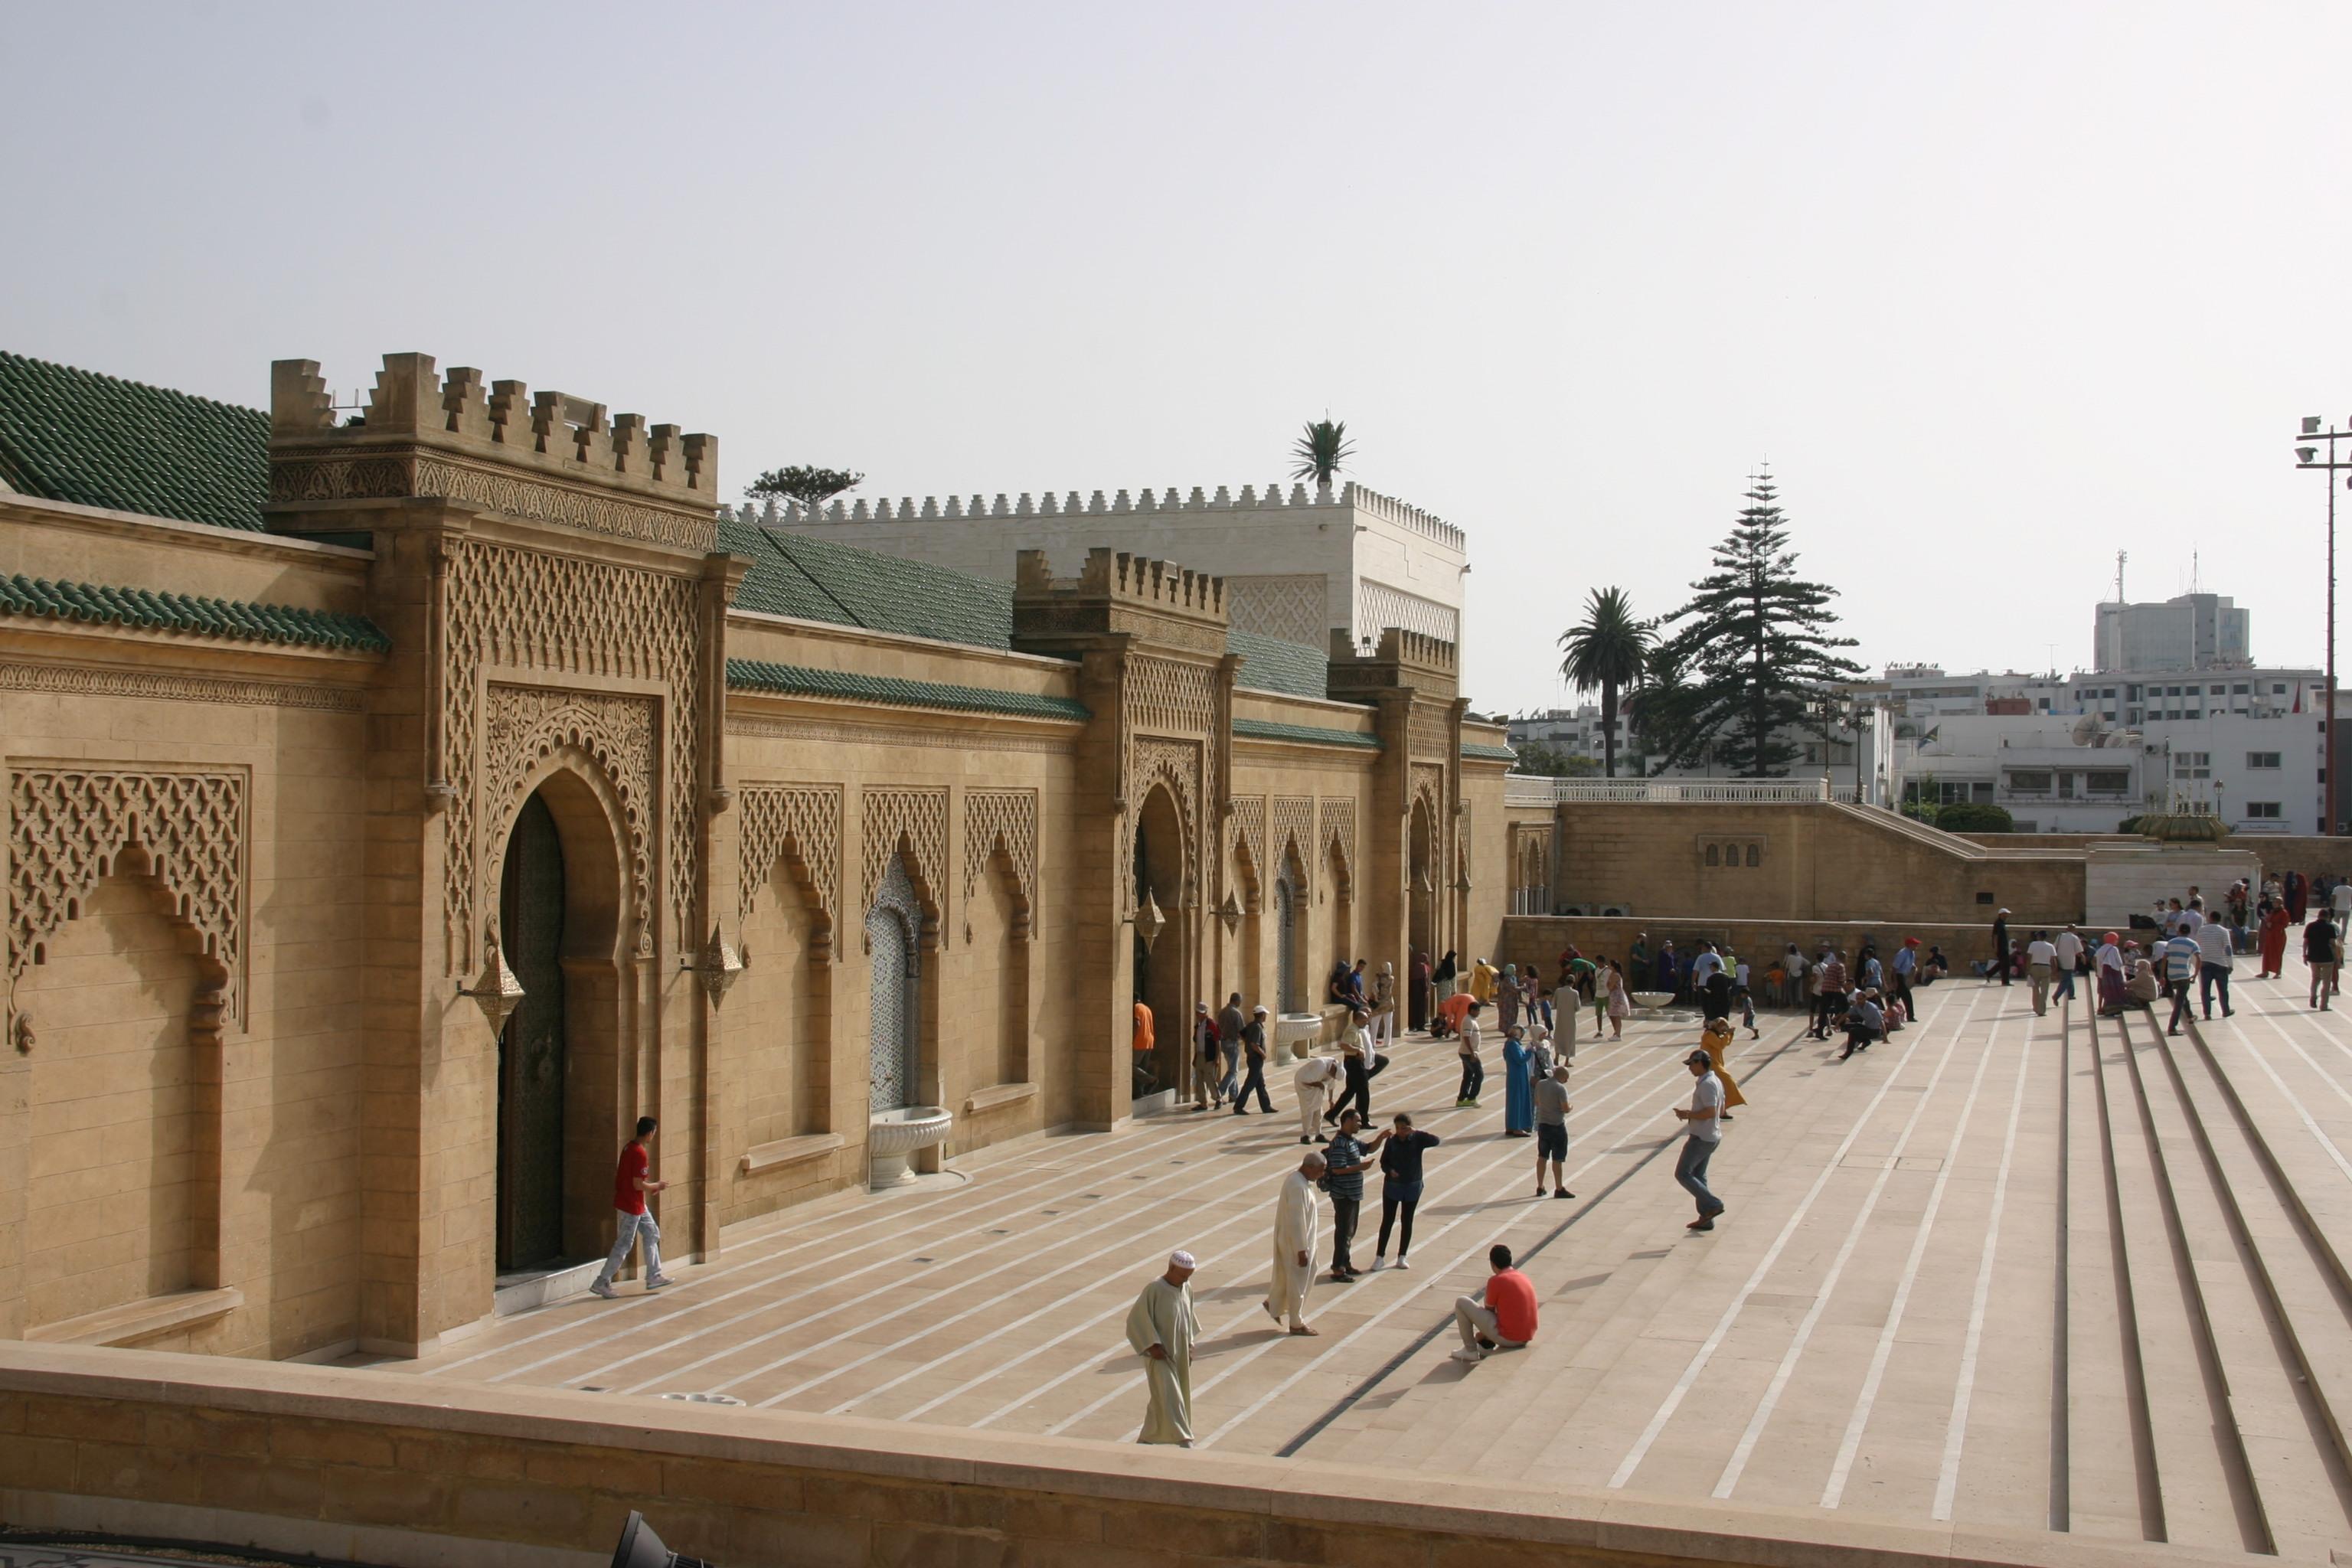 II. Hasszán király, a jelenlegi uralkodó apjának sírhelye Rabatban.<br />A jelenlegi Alavita dinasztia (17. sz-óta uralja az országot) az Idrisz és Szádi dinasztiákhoz hasonlóan szintén Mohamed próféta leszármazottja: a próféta lányának Fatimának és férjének Alinak a vérvonala.